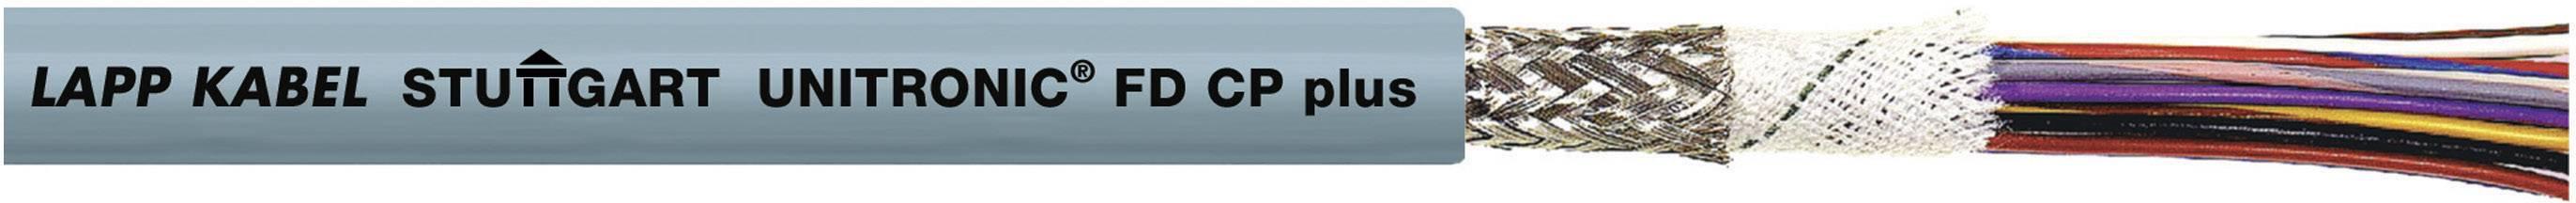 Datový kabel LappKabel UNITRONIC FD CP PLUS 10X0,14 (0028885), 10x 0,14 mm², Ø 6,7 mm, stíněný, 300 m, šedá